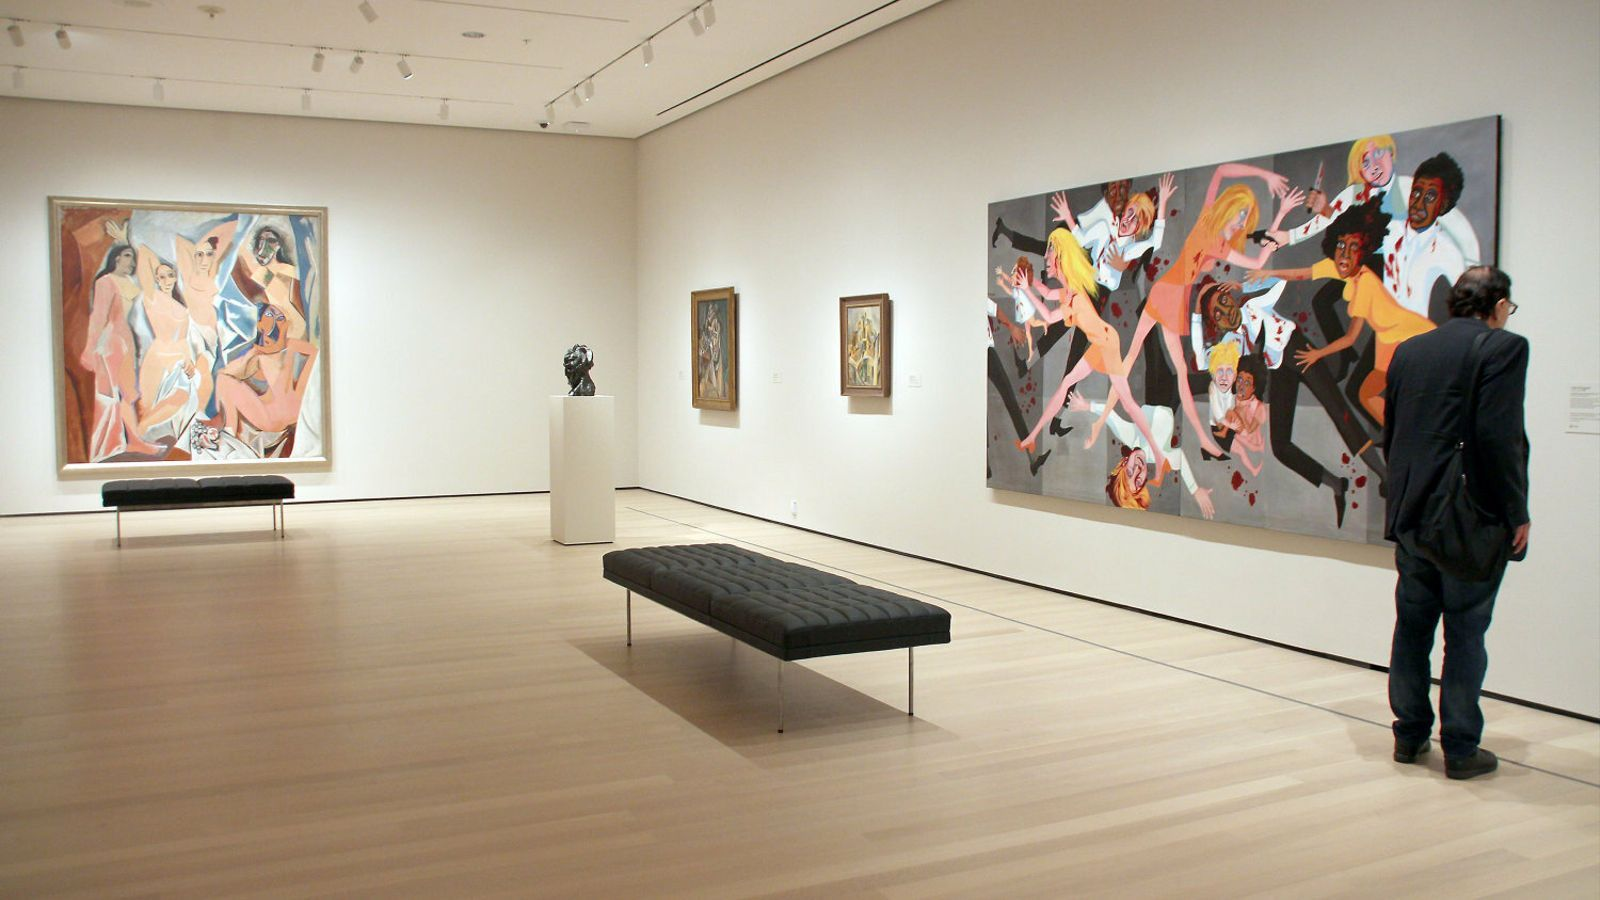 01. La sala del MoMA amb Les senyoretes del carrer d'Avinyó. 02. Una instal·lació de David Tudor al museu.